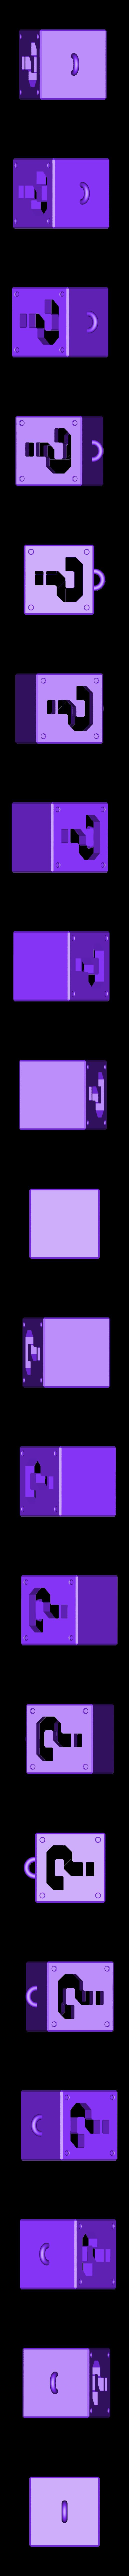 questionblock_dual_a.stl Télécharger fichier STL gratuit Cintre Super Mario Mystery Block (Simple & Double Extrusion) • Modèle pour imprimante 3D, Runstone